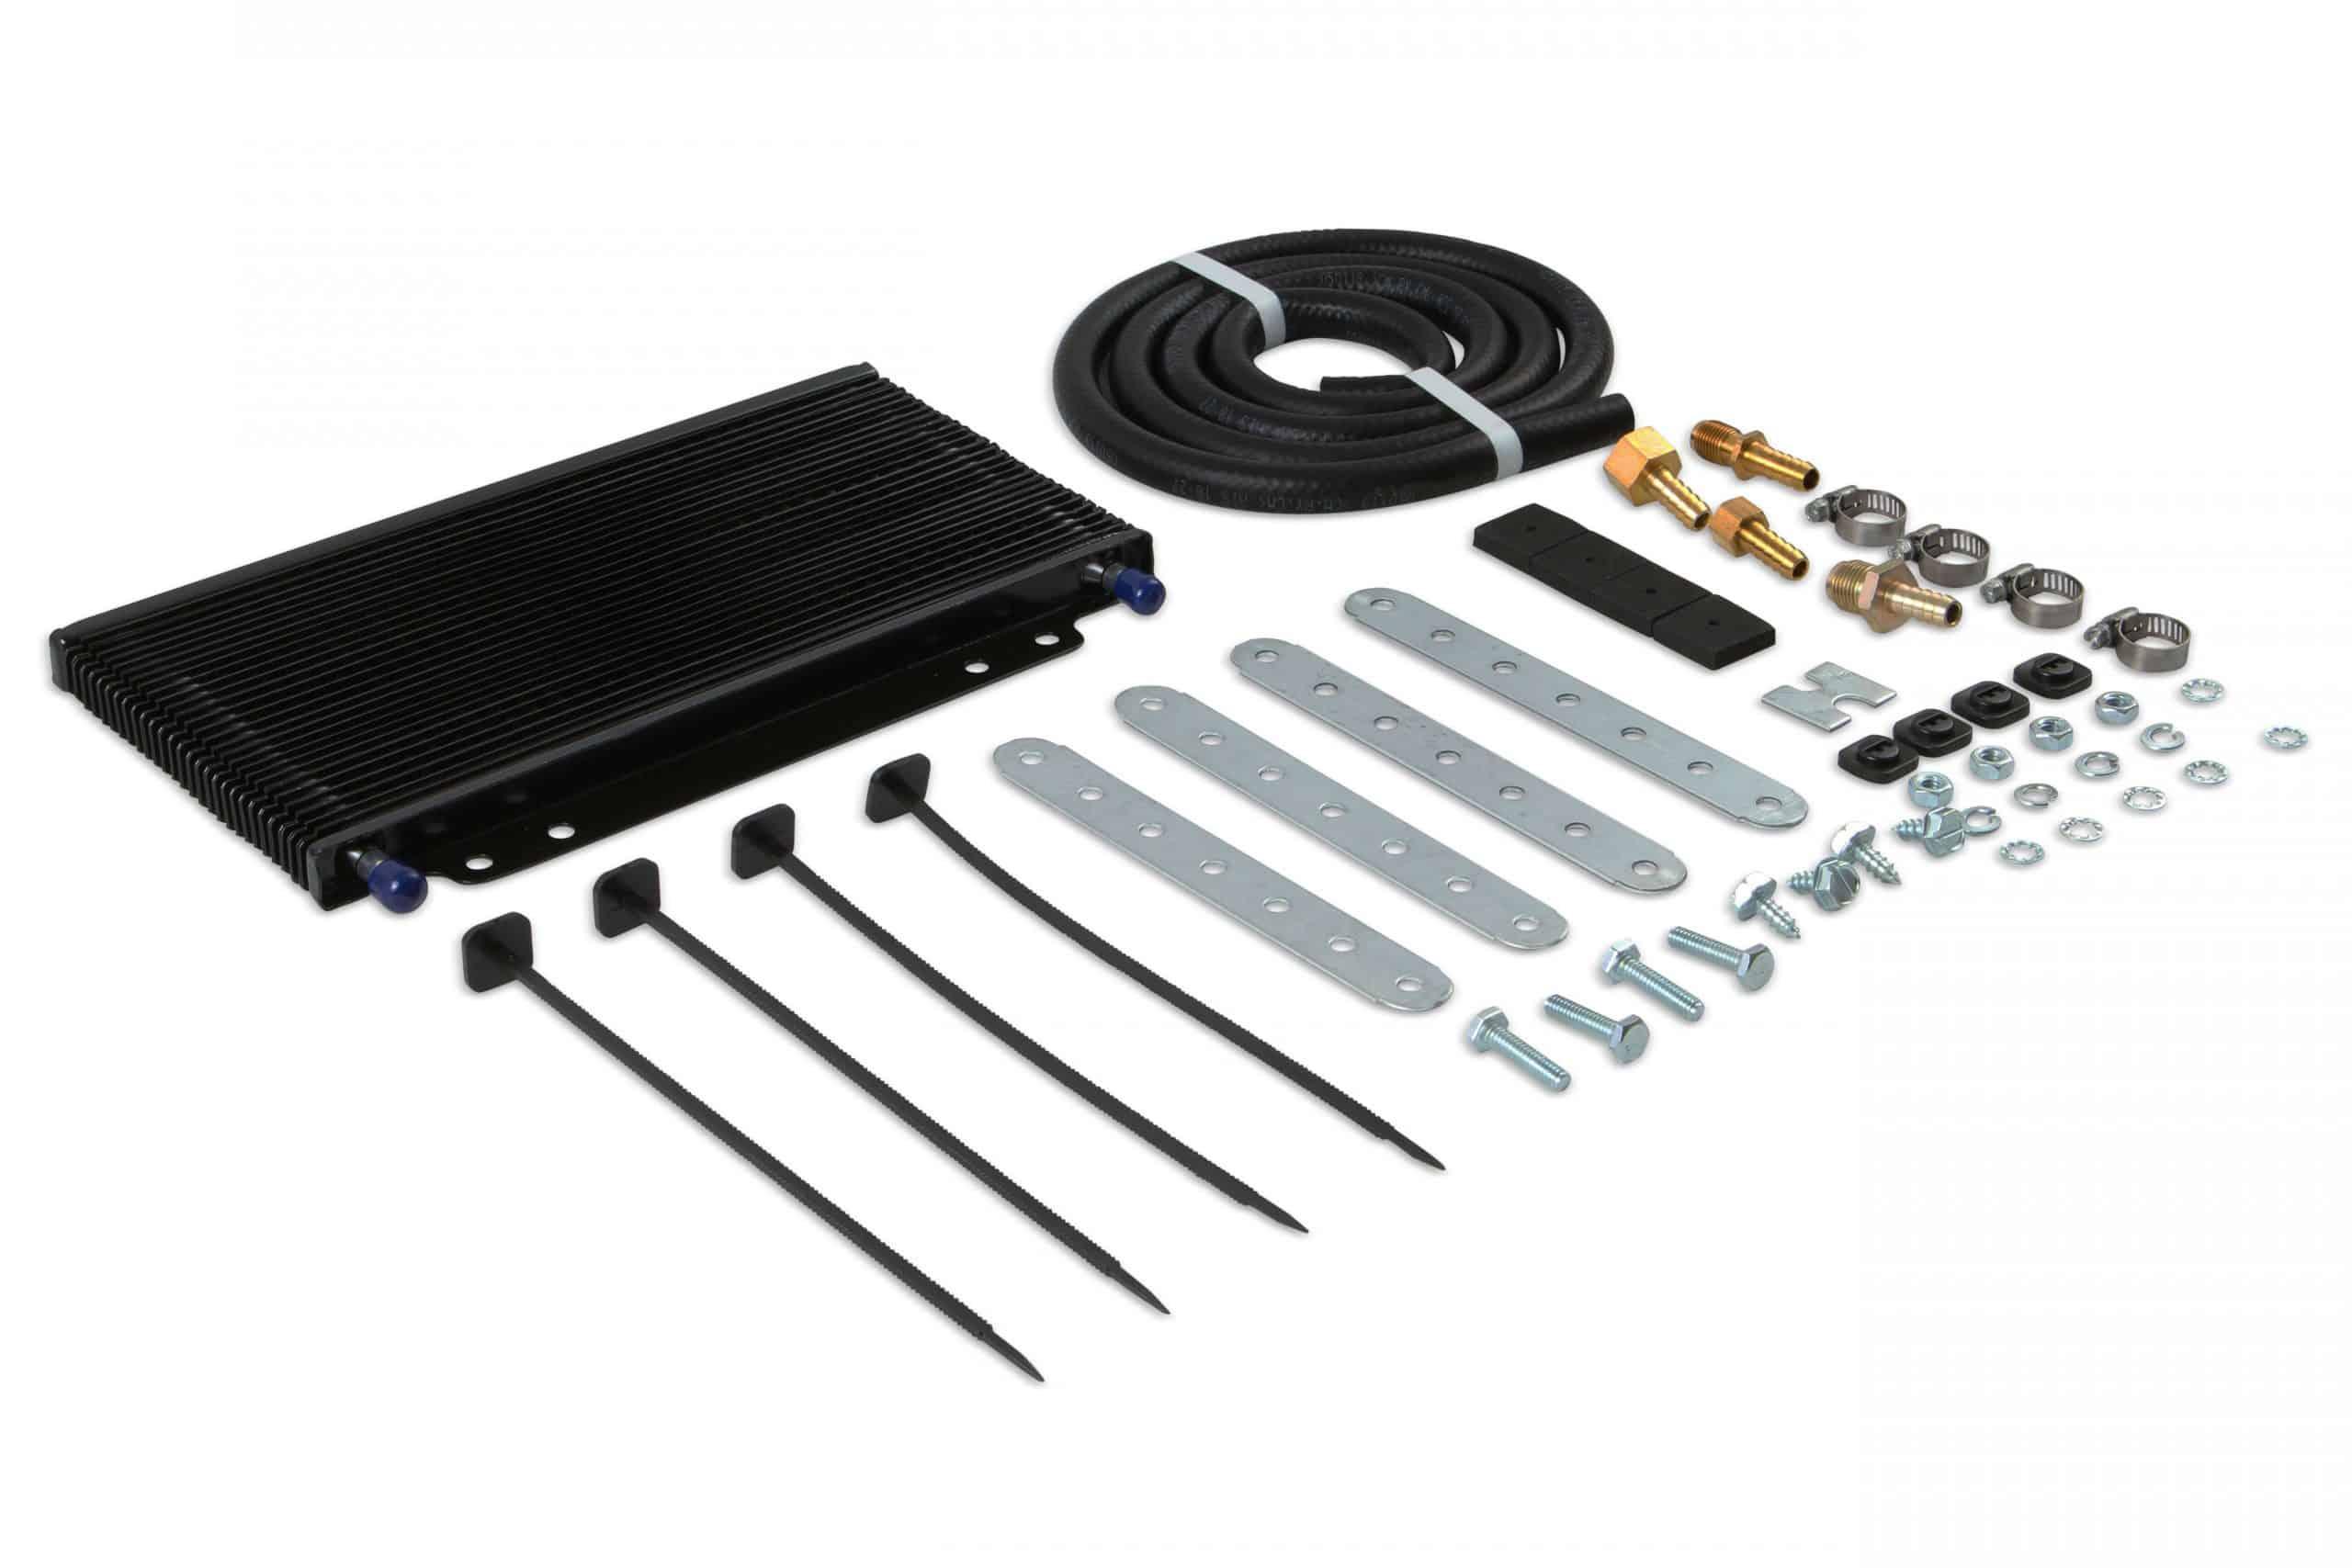 B&M 70255 Transmission Cooler Installation Kit - Transmission Cooler Guide